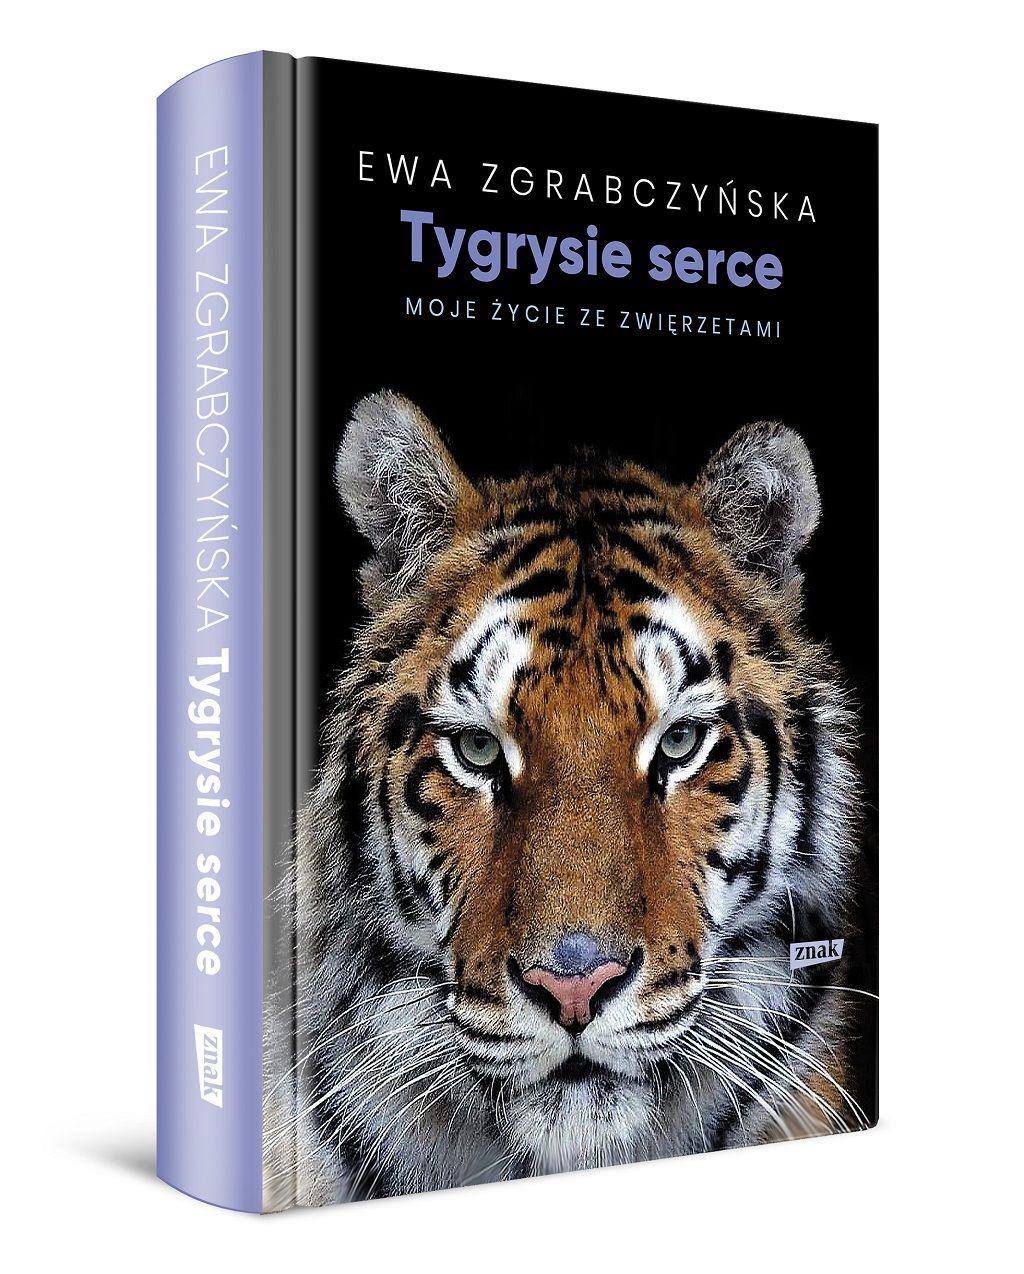 Ewa Zgrabczyńska – Tygrysie serce. Moje życie ze zwierzętami